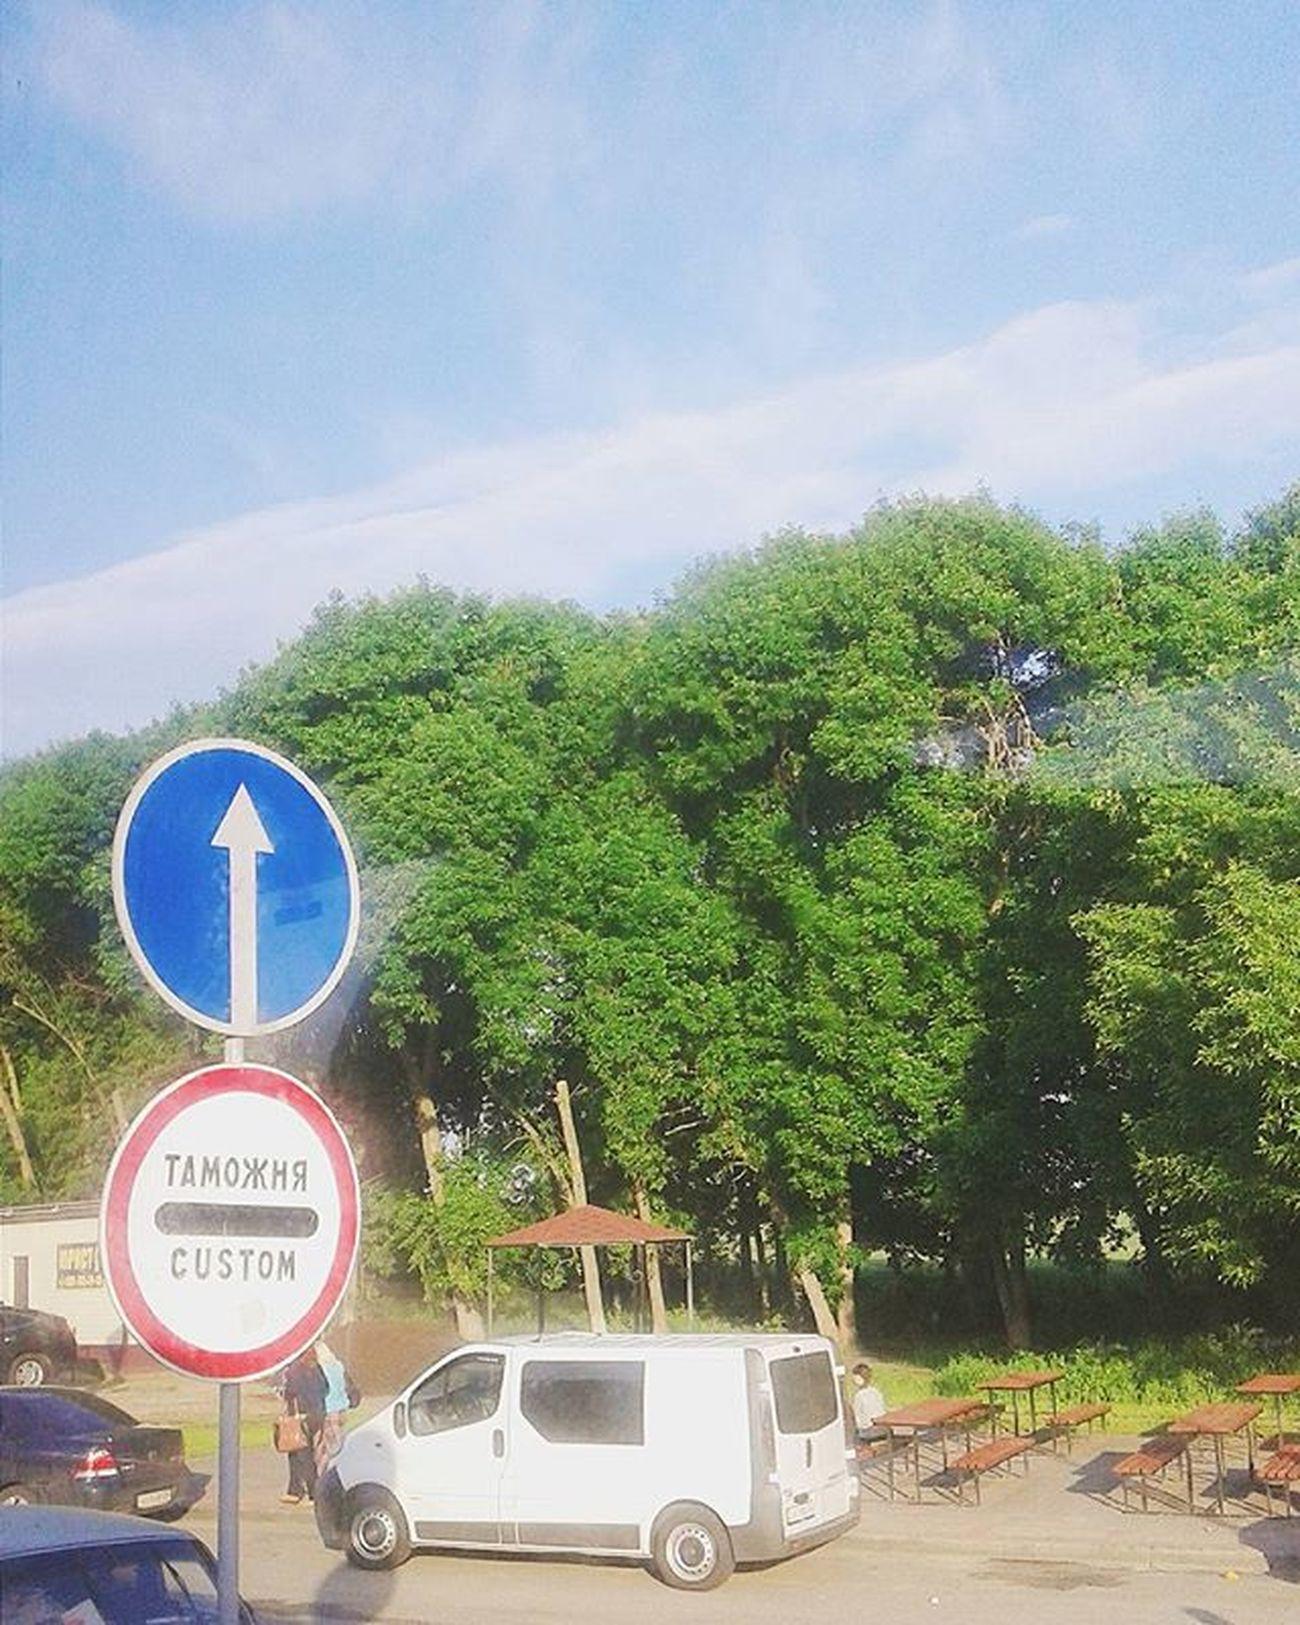 Ууу у ууу у уезжаю. ..♥♥♥♥ уезжаю уехала заграницу границу за таможня Custom Vscorussia Vsc VSCO Cam Camera Instagram Photo Not Follow взаимныелайки взаимно взаимнаяподписка